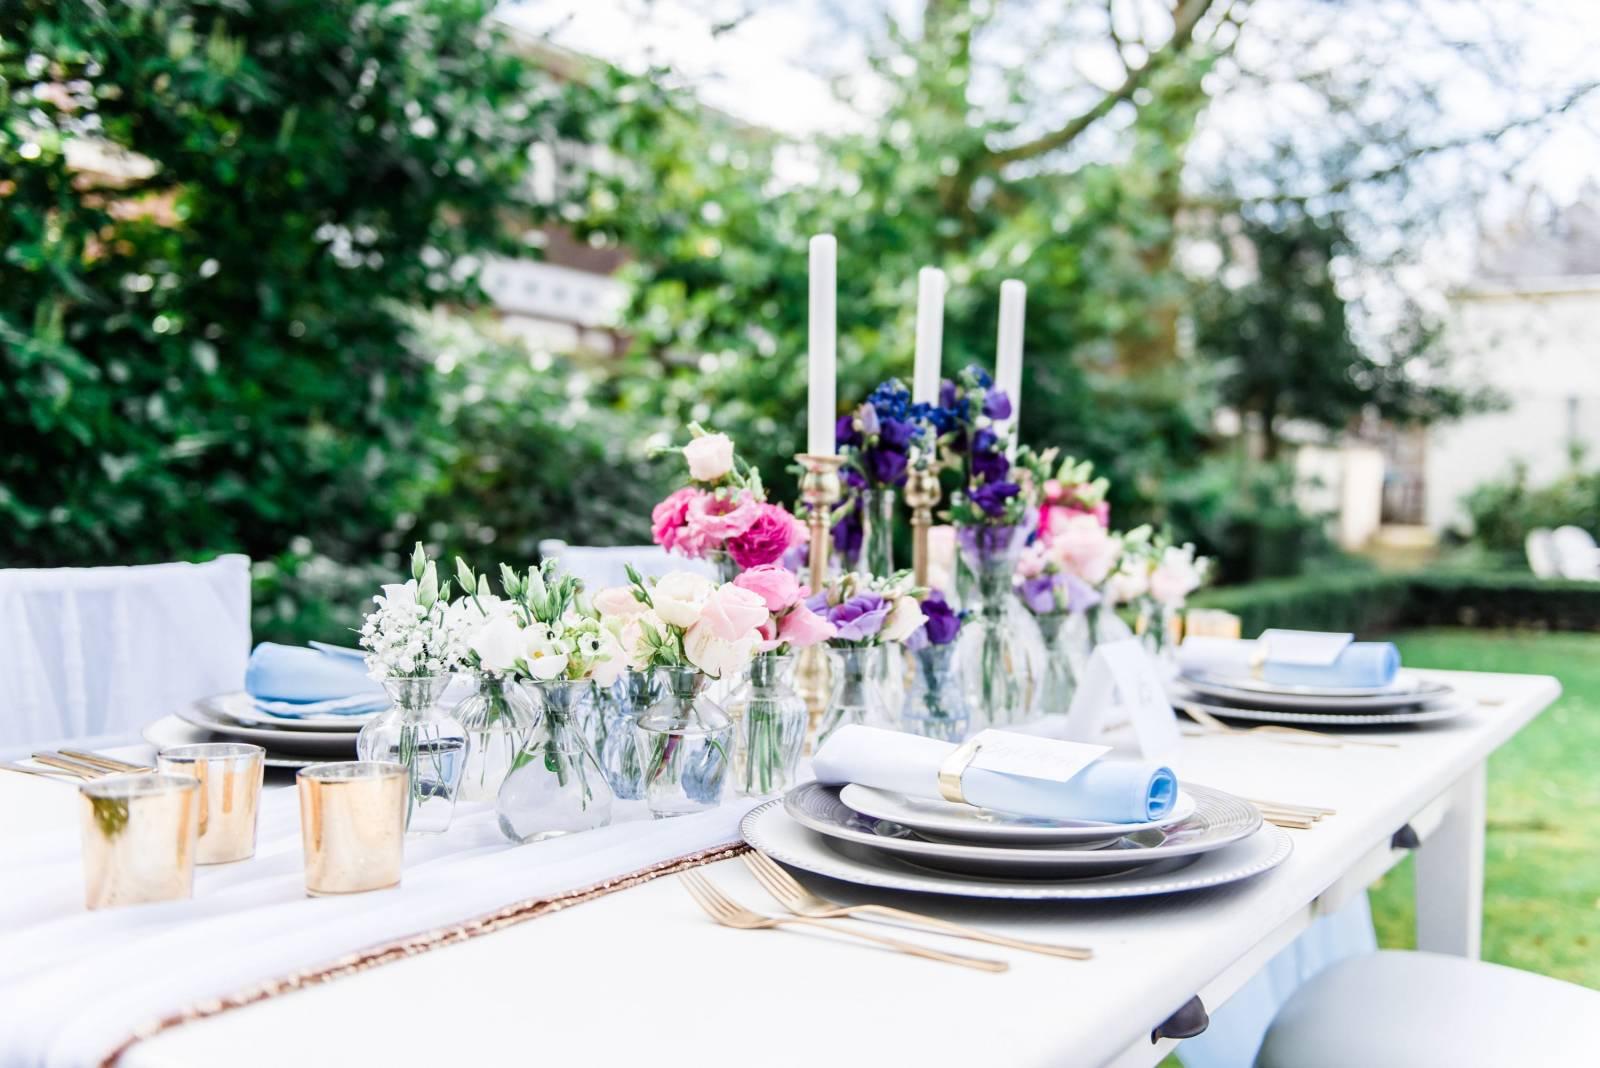 In Style Styling & Decoraties - Trouwdecoratie - Verhuurbedrijf - Wedding Design - House of Weddings - 37